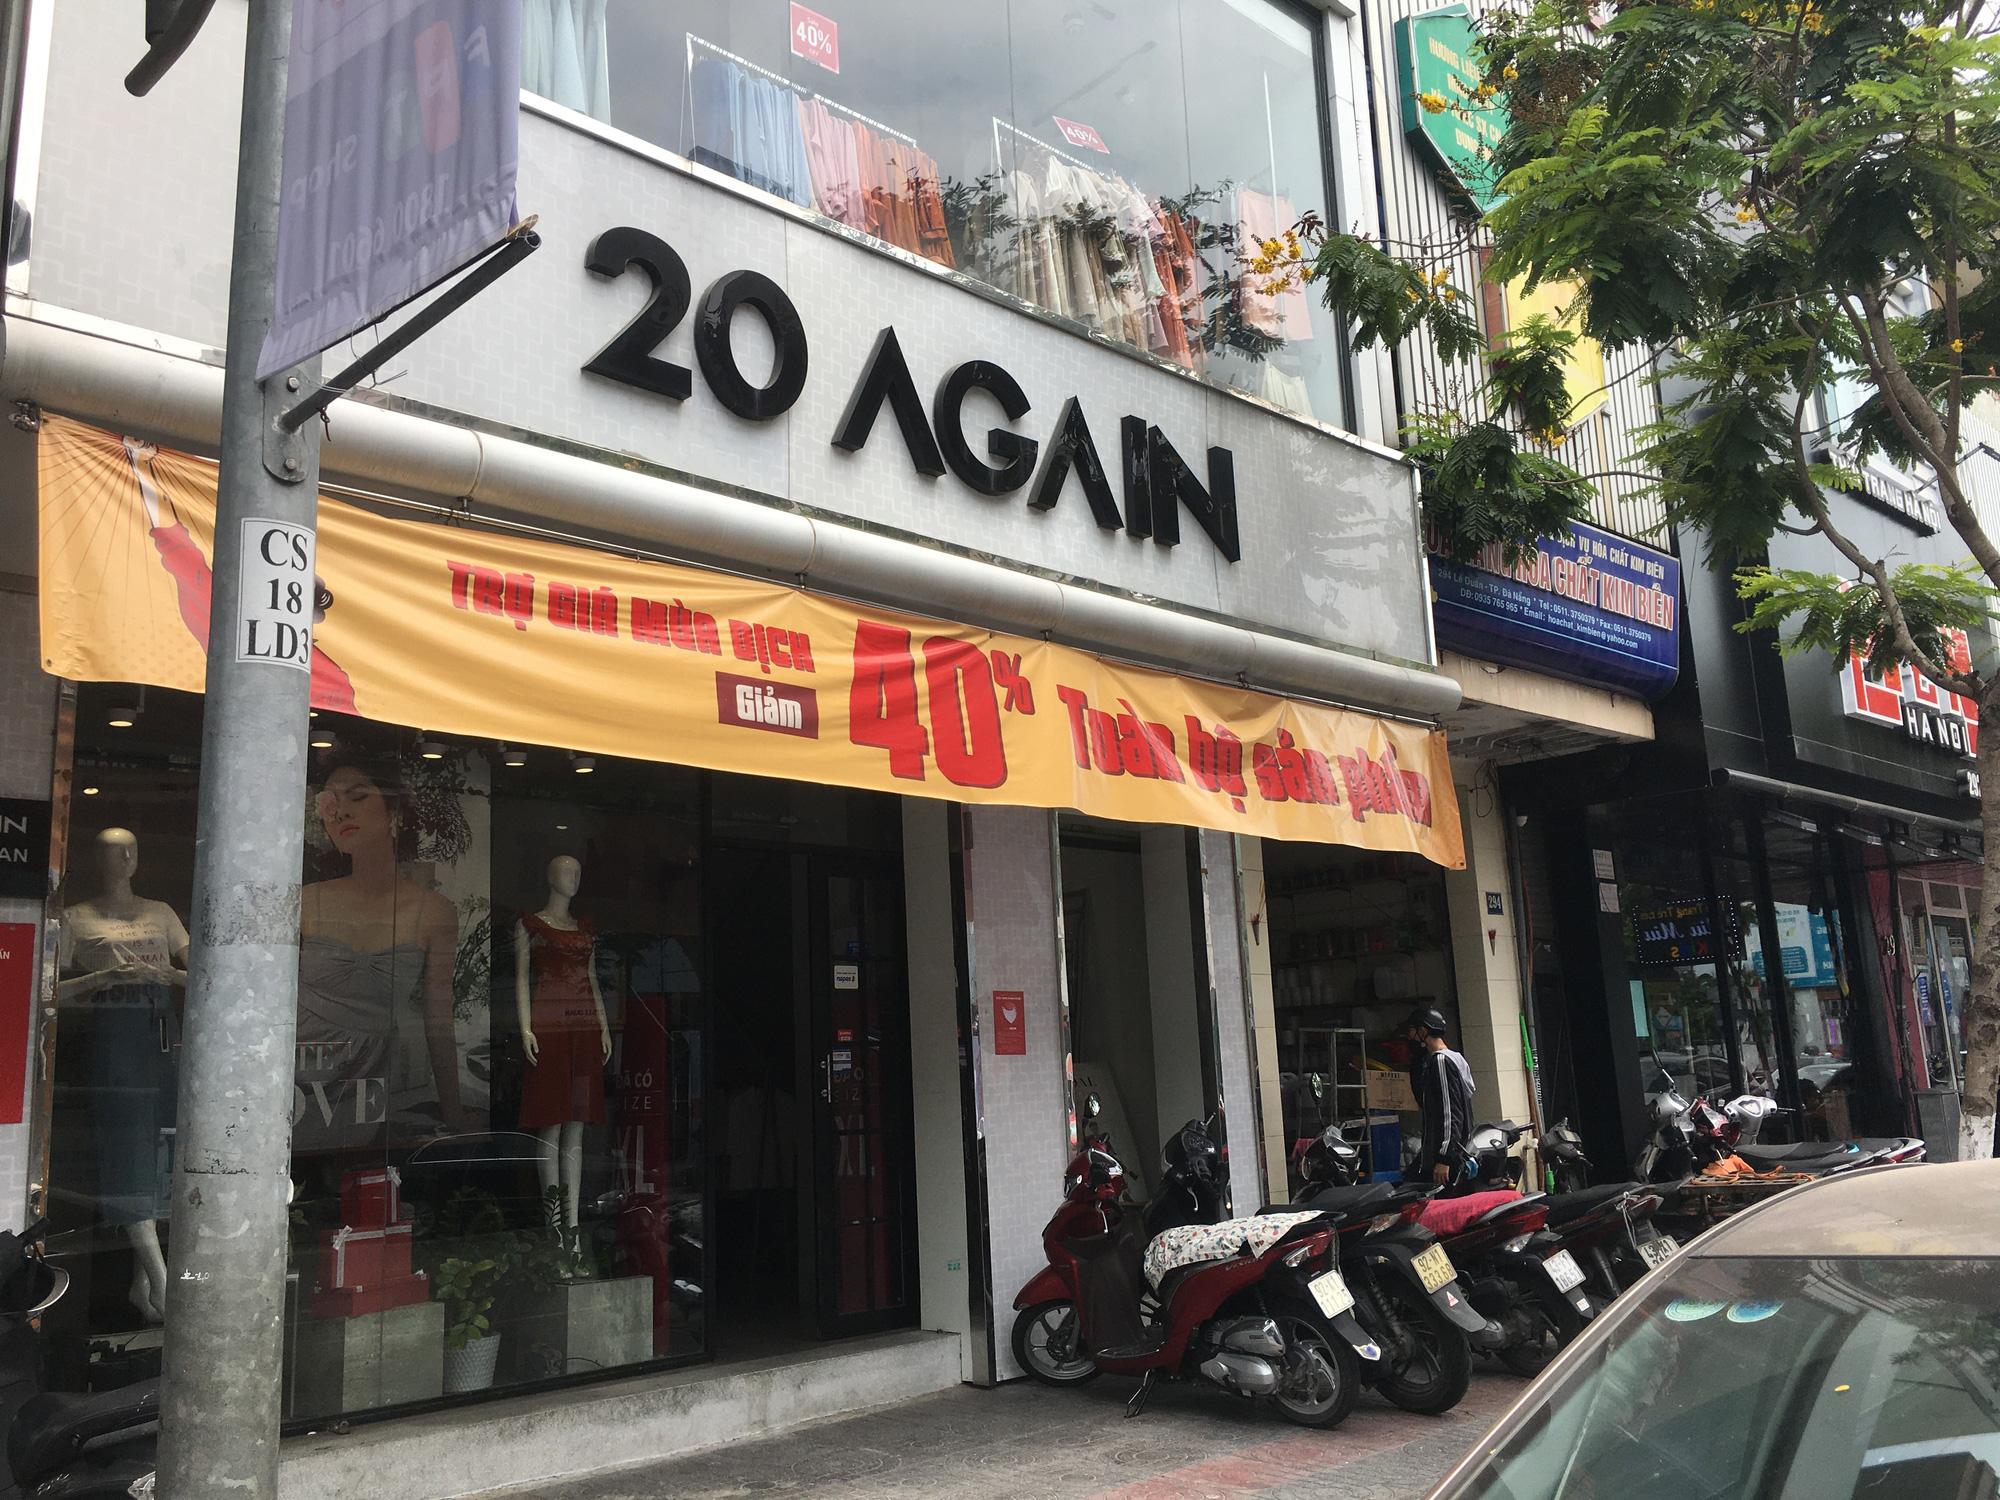 Giá mặt bằng, văn phòng cho thuê ở Đà Nẵng giảm sâu nhưng ít người quan tâm - Ảnh 3.